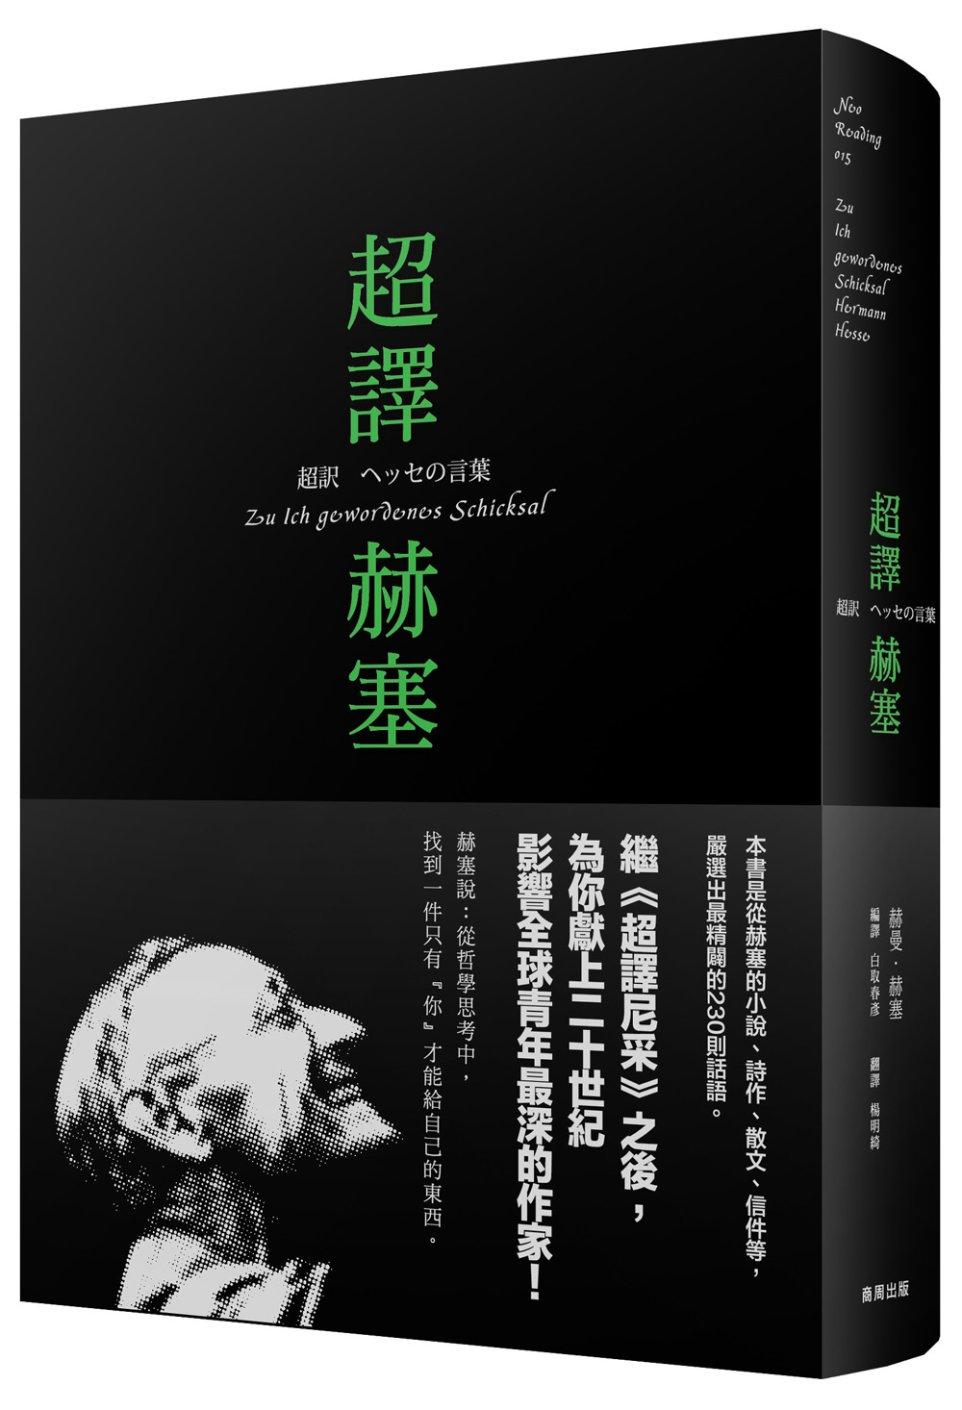 《超譯赫塞[隨書附贈孤獨者誌精裝筆記本]》 商品條碼,ISBN:4717702095239